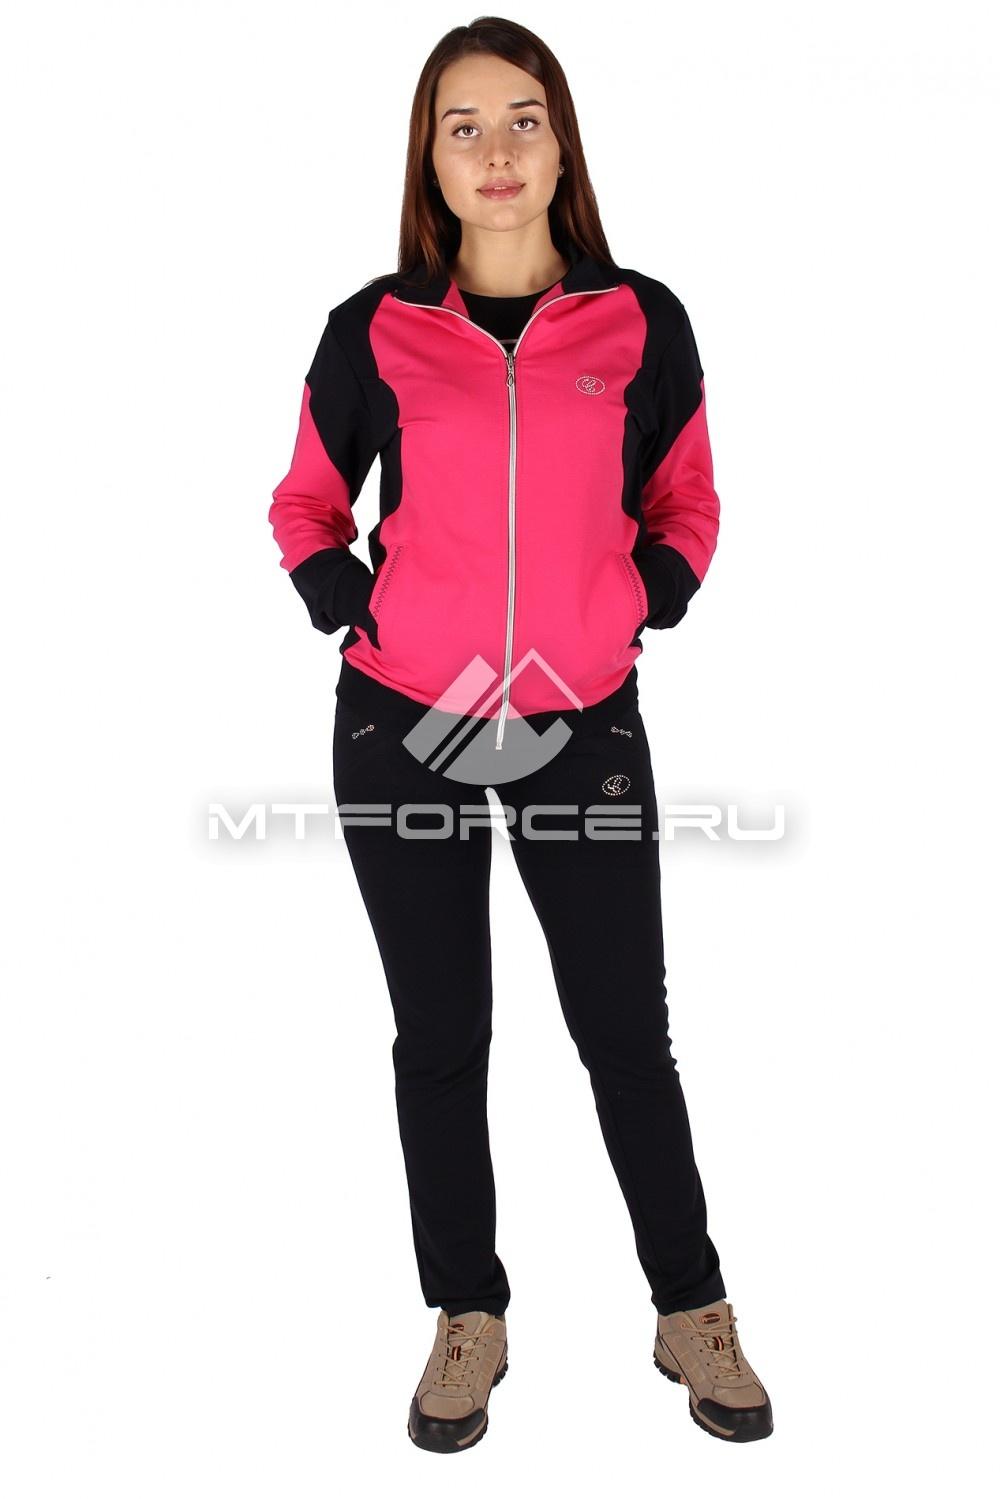 Купить                                  оптом Спортивный трикотажный костюм женский розового цвета 0050R